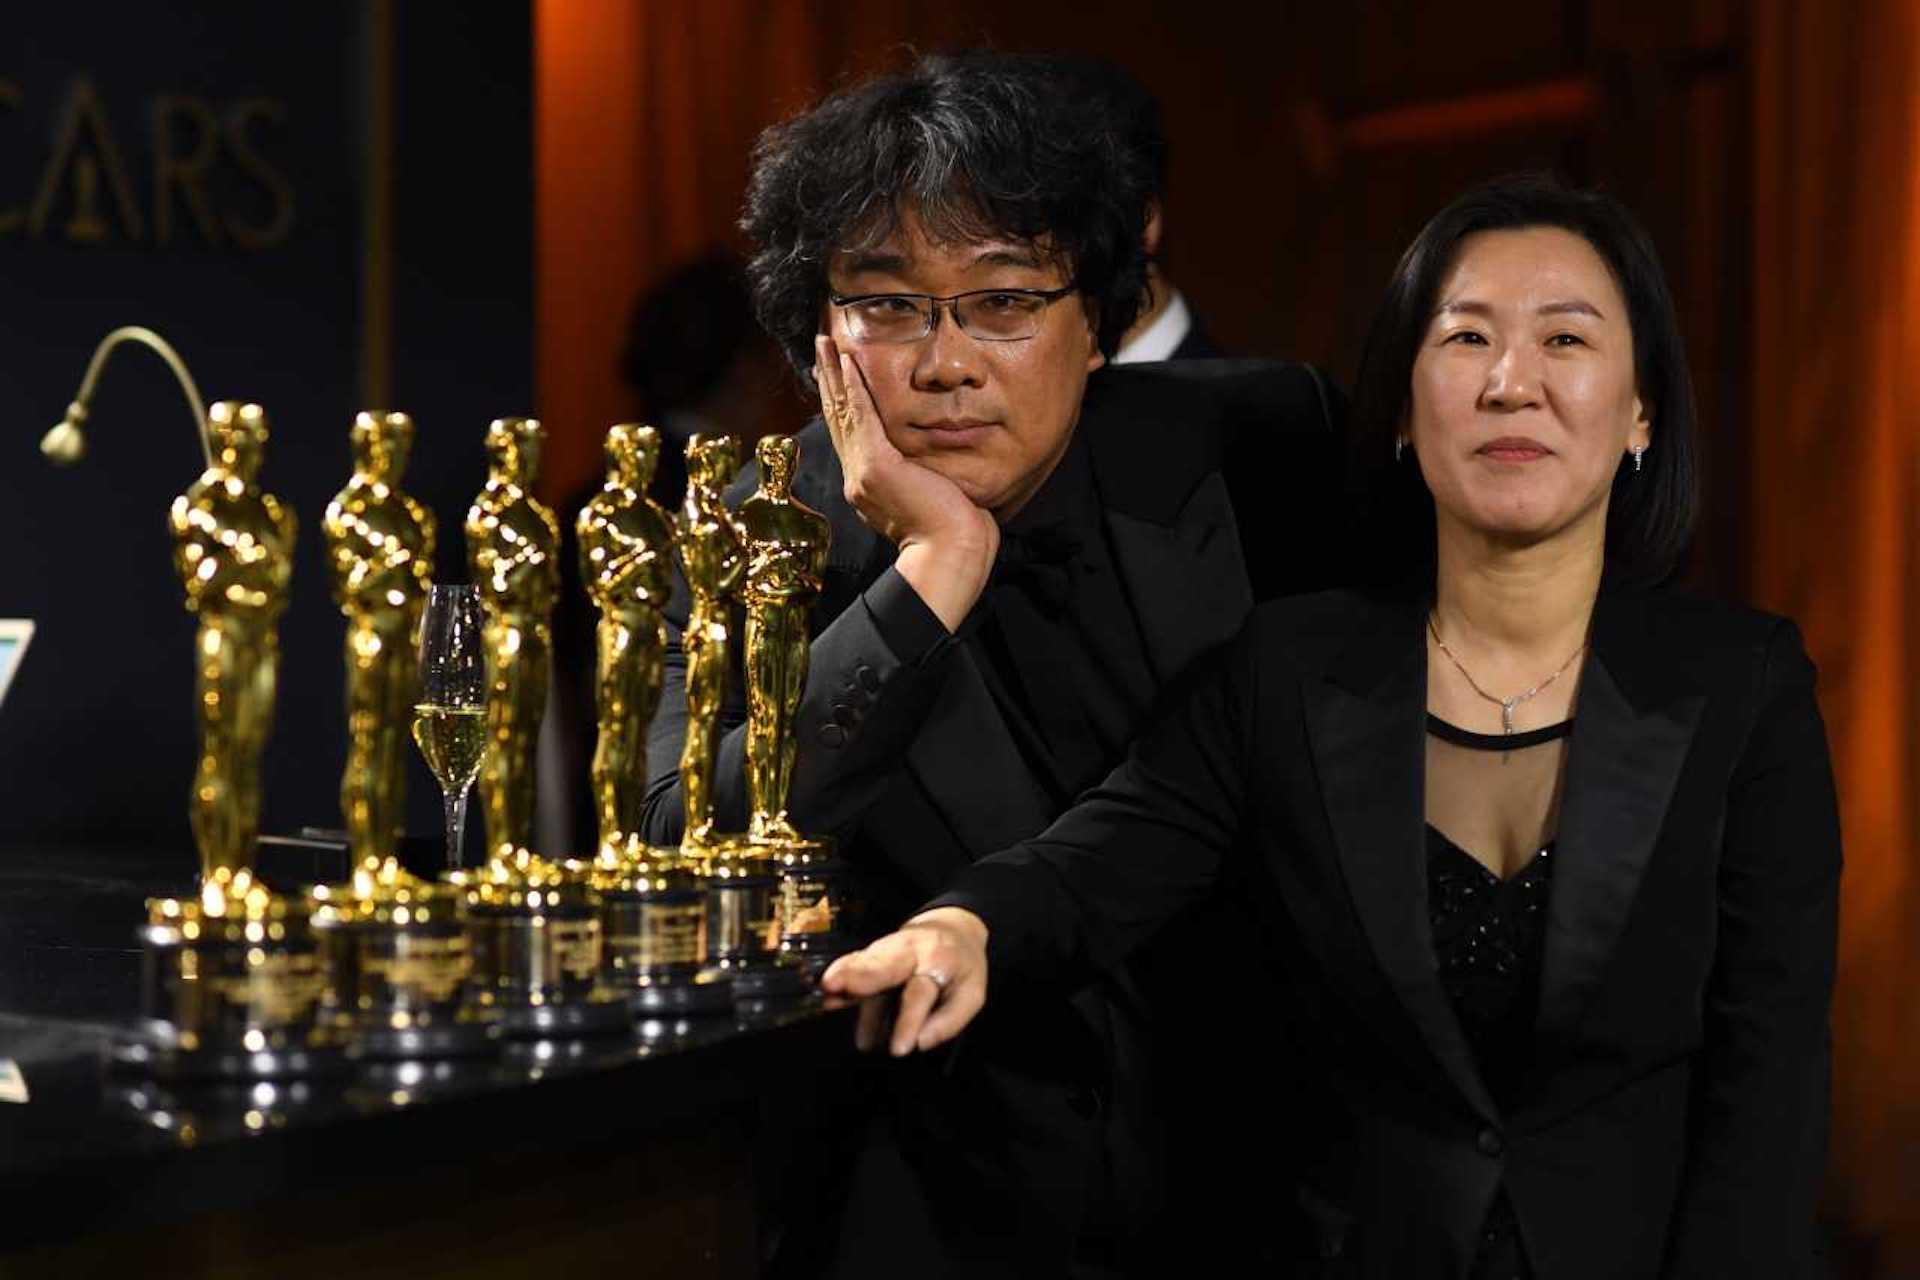 Ascolti USA del 9 febbraio: peggior risultato di sempre per gli Oscar